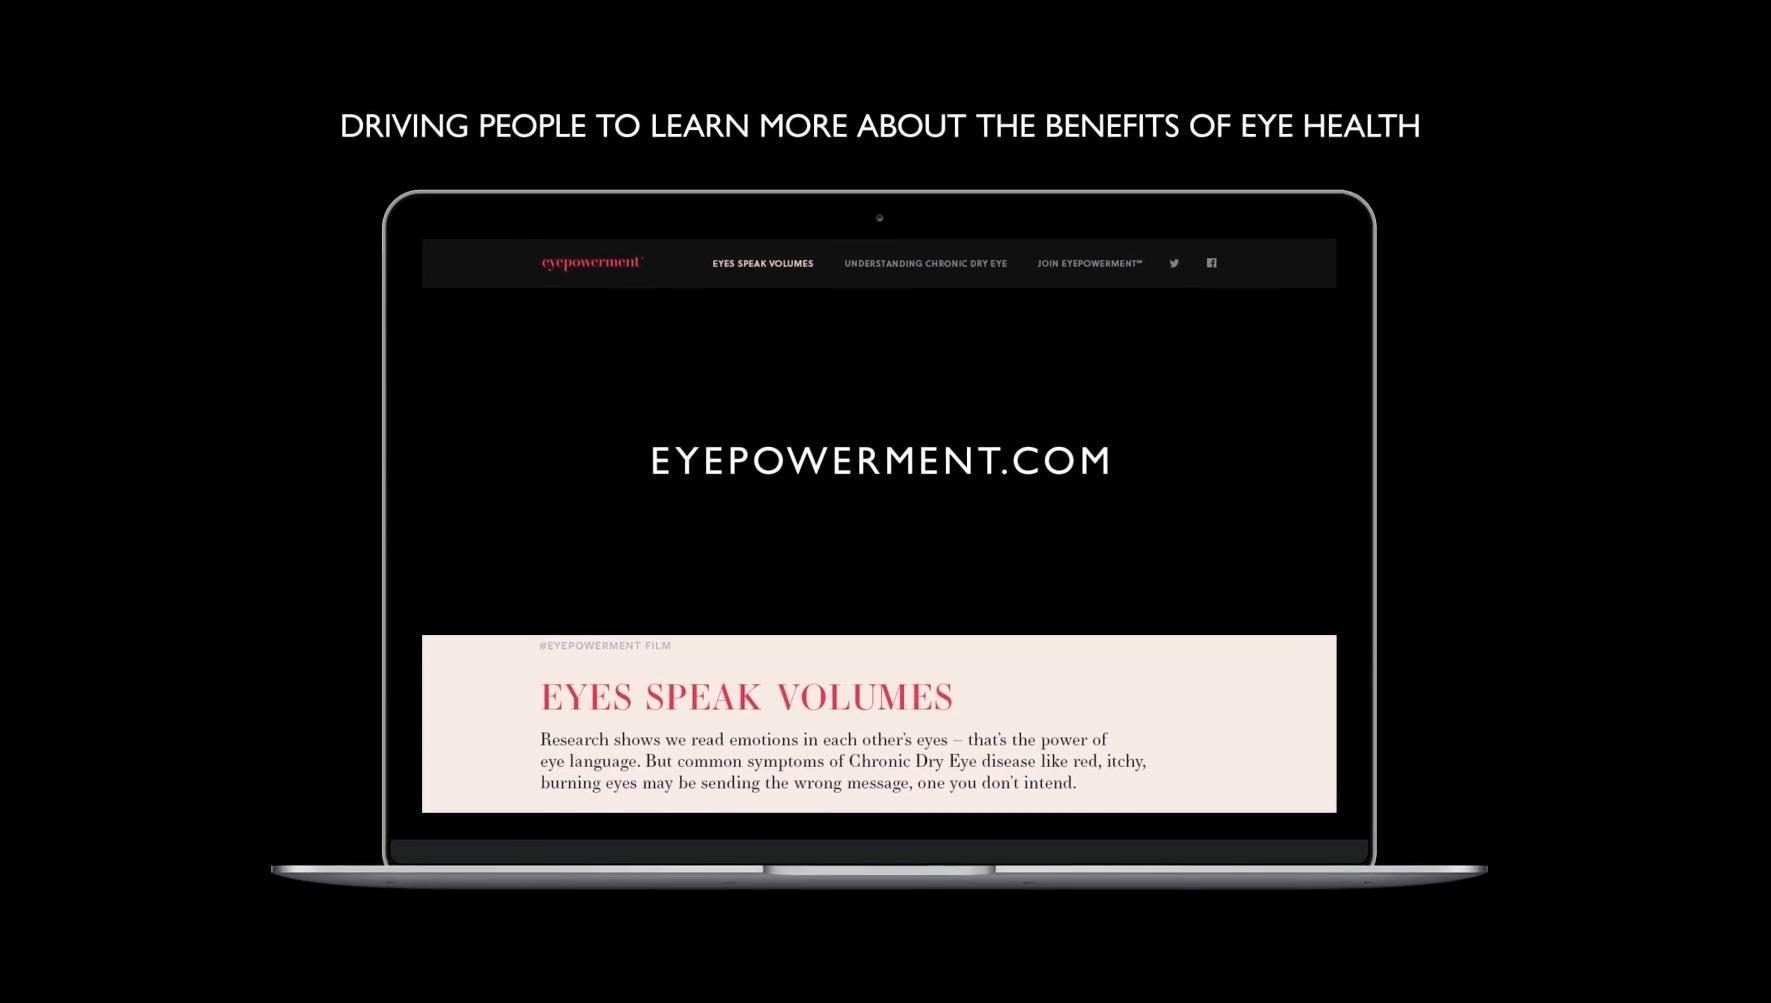 Allergan Eyepowerment Case Study